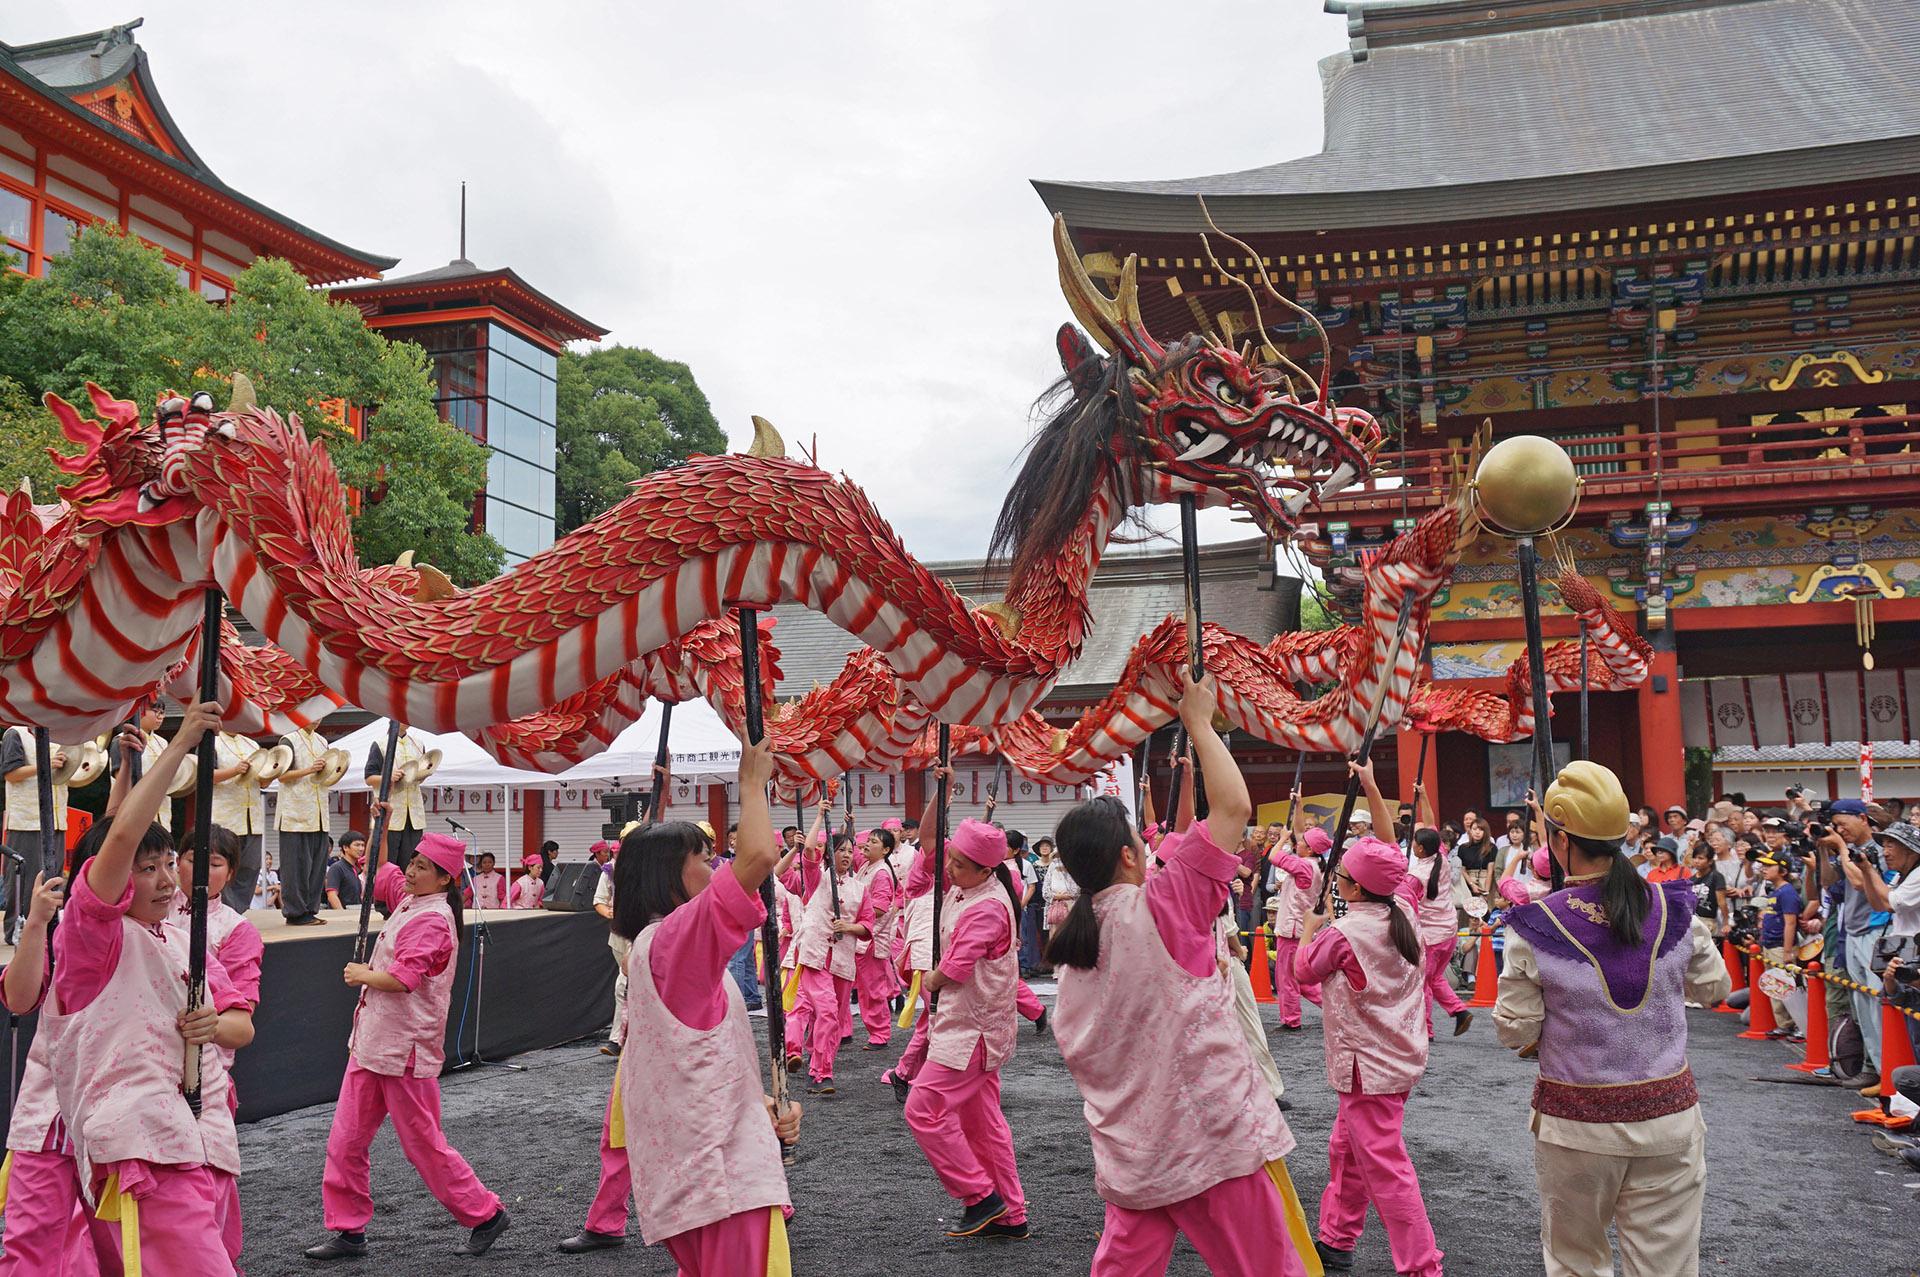 長崎の龍踊り